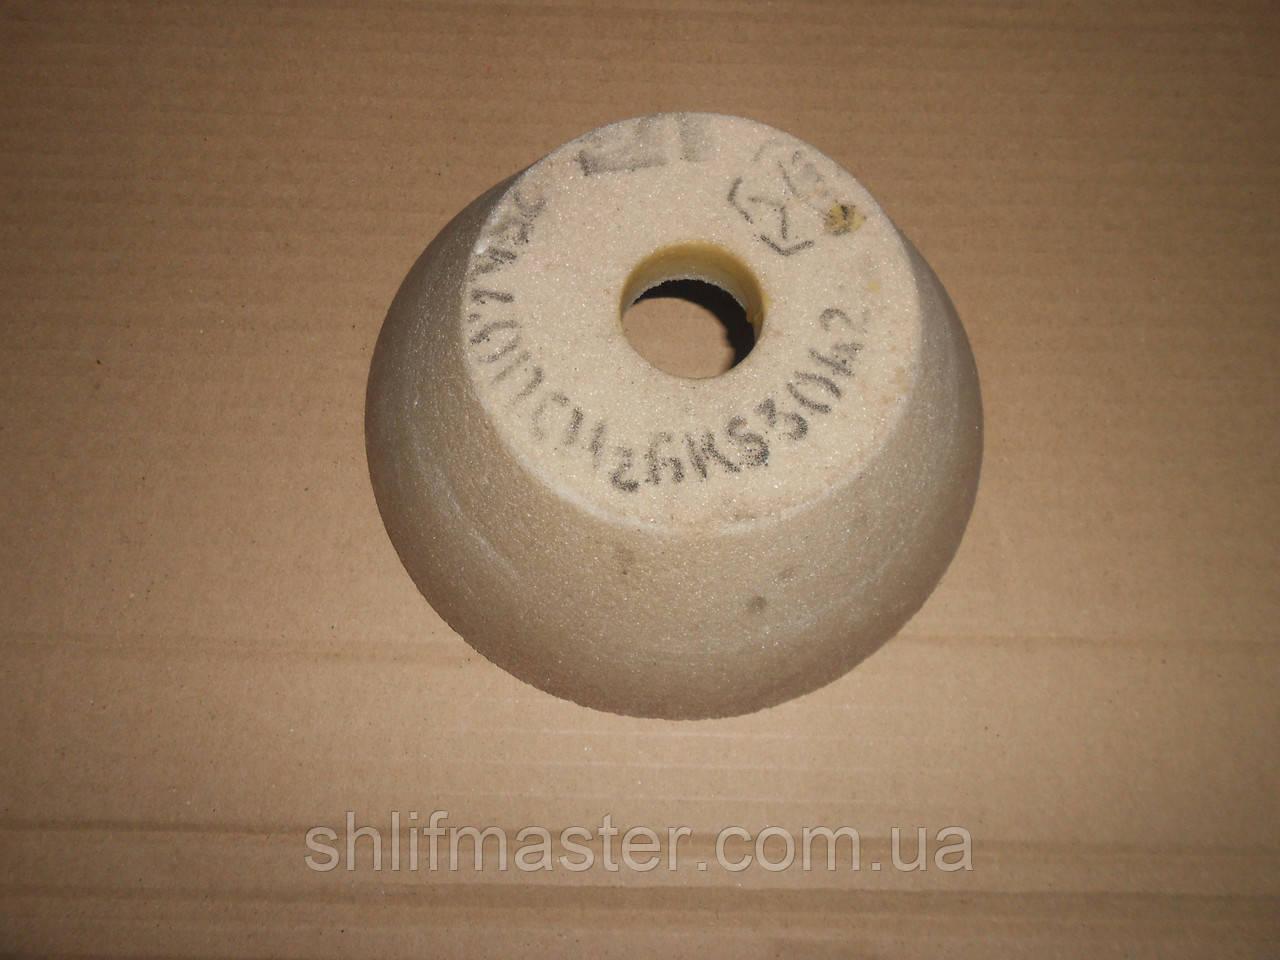 Чашка коническая ЧК 25А керамическая шлифовальная 125х50х32 16-40 М3-СТ